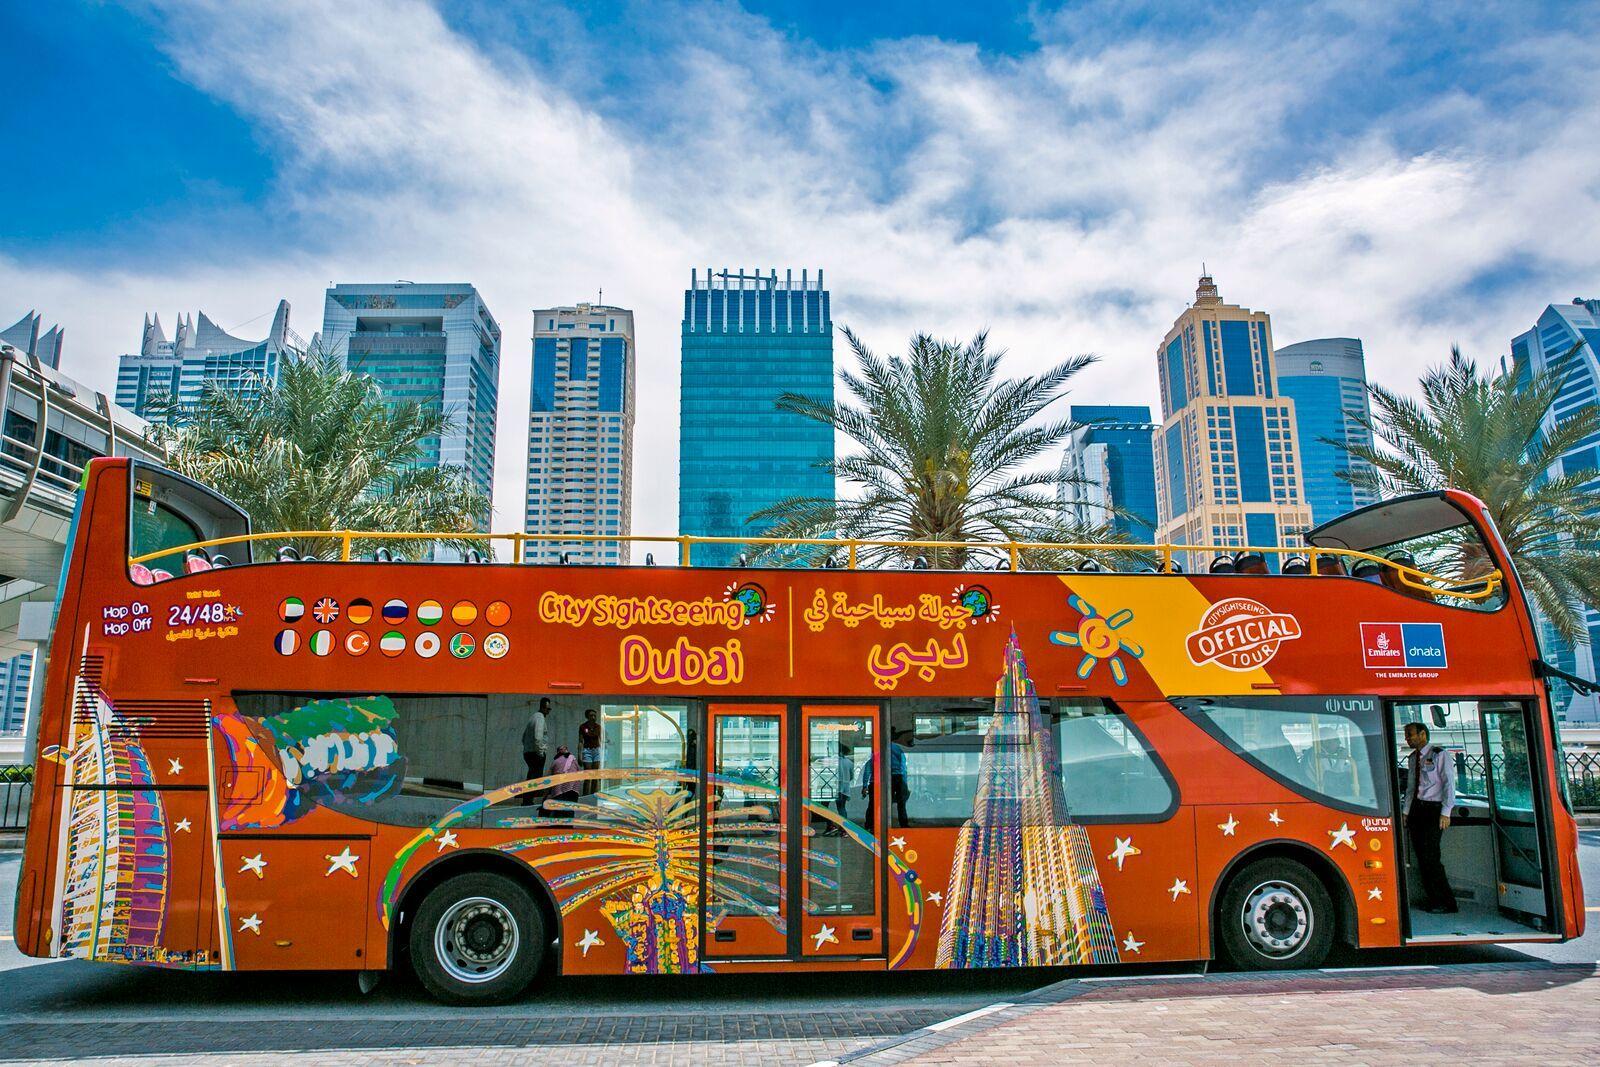 Дубай — экскурсионный автобус Hop-On Hop-Off